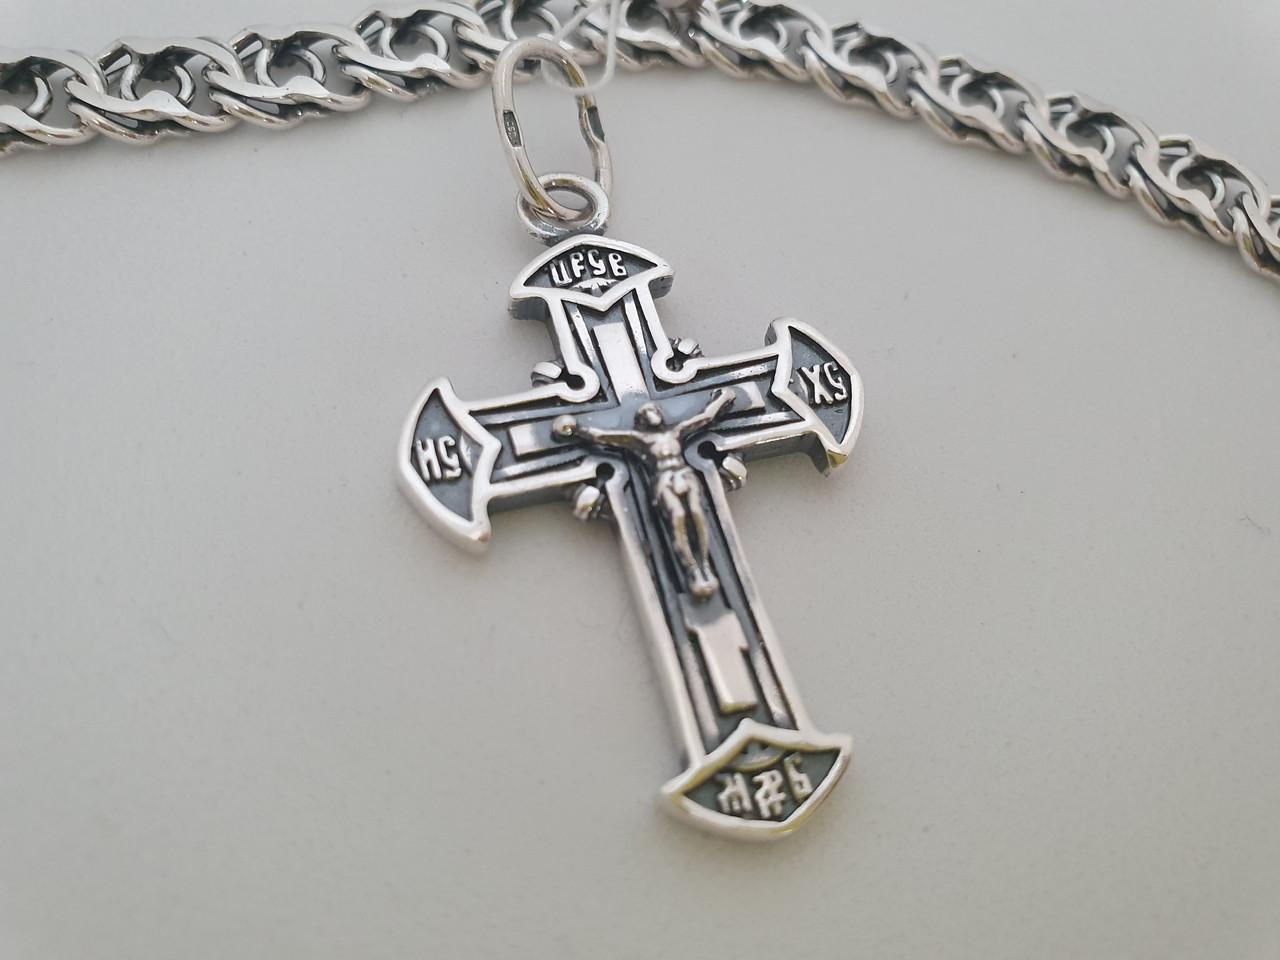 Серебряный православный крестик с распятием. Вес 7,7 гр. 925 проба